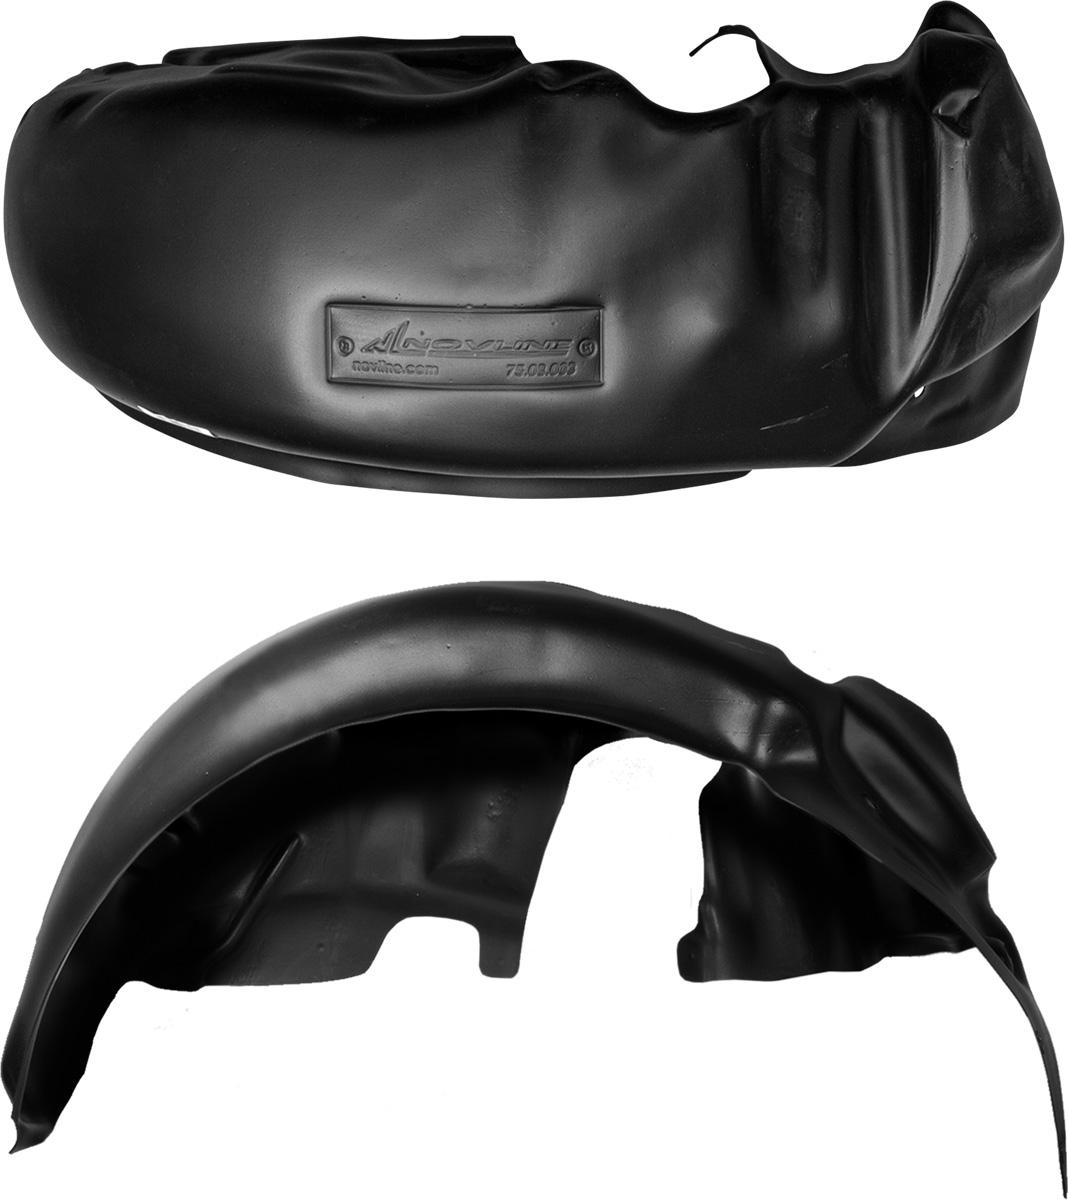 Подкрылок ВАЗ 11183 Kalina 2004-2013, б/б, задний левый4603Колесные ниши – одни из самых уязвимых зон днища вашего автомобиля. Они постоянно подвергаются воздействию со стороны дороги. Лучшая, почти абсолютная защита для них - специально отформованные пластиковые кожухи, которые называются подкрылками, или локерами. Производятся они как для отечественных моделей автомобилей, так и для иномарок. Подкрылки выполнены из высококачественного, экологически чистого пластика. Обеспечивают надежную защиту кузова автомобиля от пескоструйного эффекта и негативного влияния, агрессивных антигололедных реагентов. Пластик обладает более низкой теплопроводностью, чем металл, поэтому в зимний период эксплуатации использование пластиковых подкрылков позволяет лучше защитить колесные ниши от налипания снега и образования наледи. Оригинальность конструкции подчеркивает элегантность автомобиля, бережно защищает нанесенное на днище кузова антикоррозийное покрытие и позволяет осуществить крепление подкрылков внутри колесной арки практически без дополнительного...